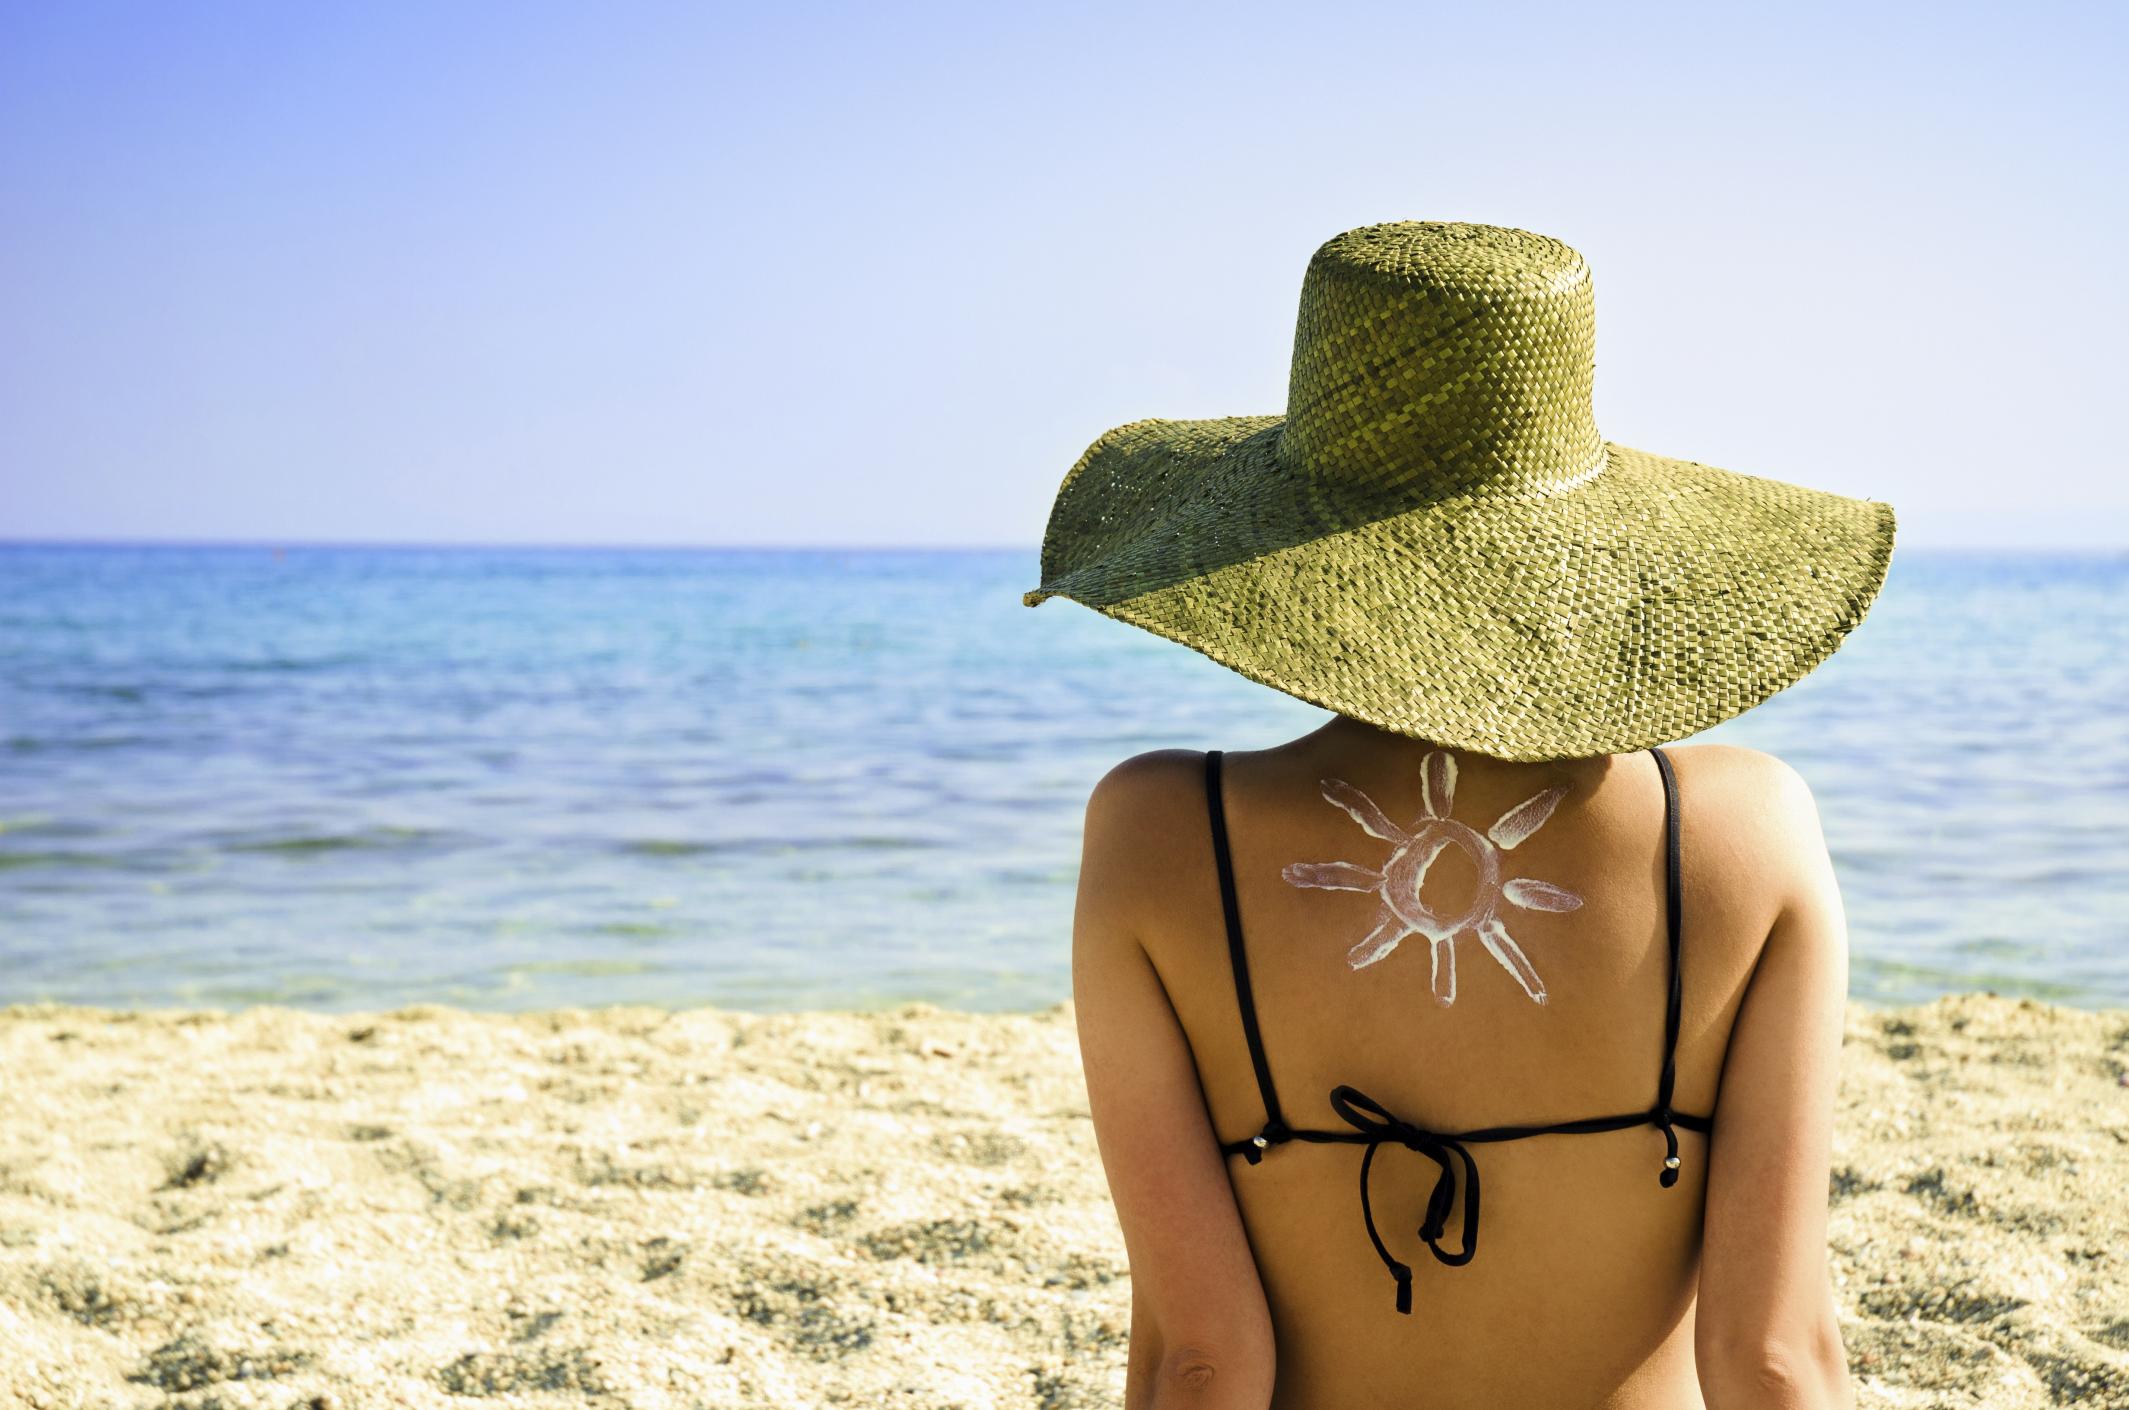 Meer ausschlag sonne Hautprobleme, weil